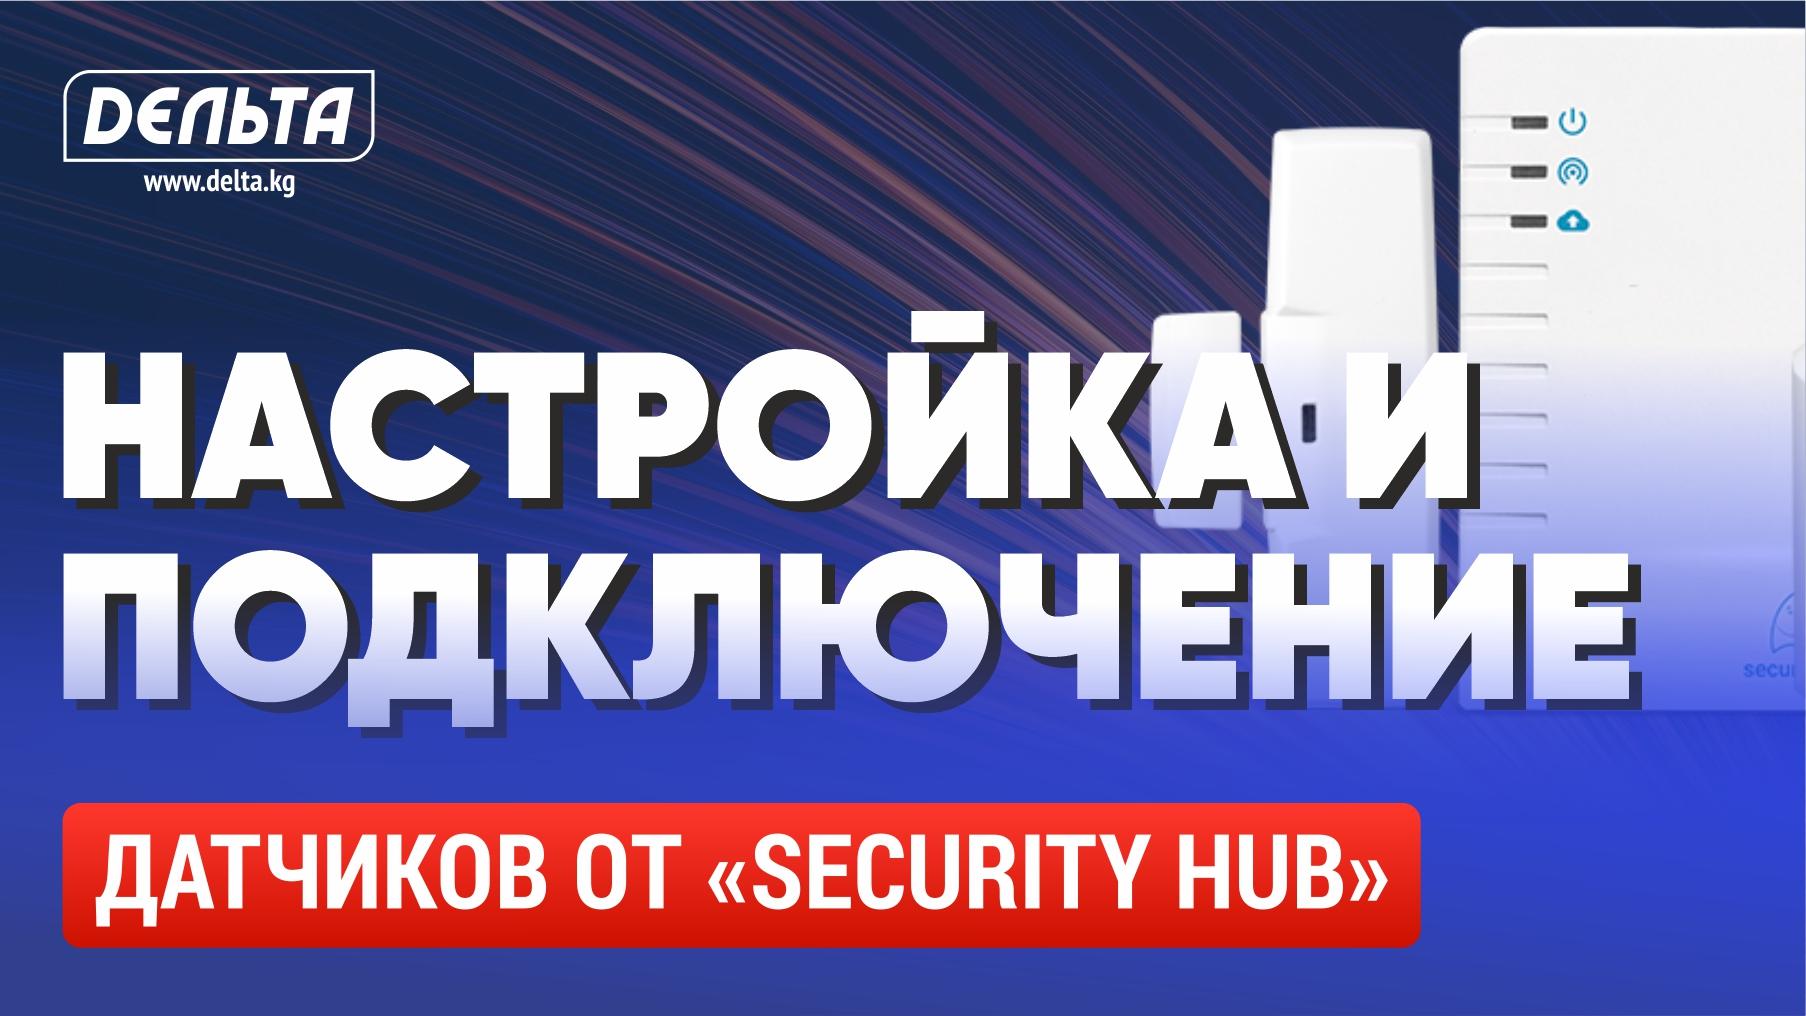 Самостоятельная настройка датчиков Security Hab